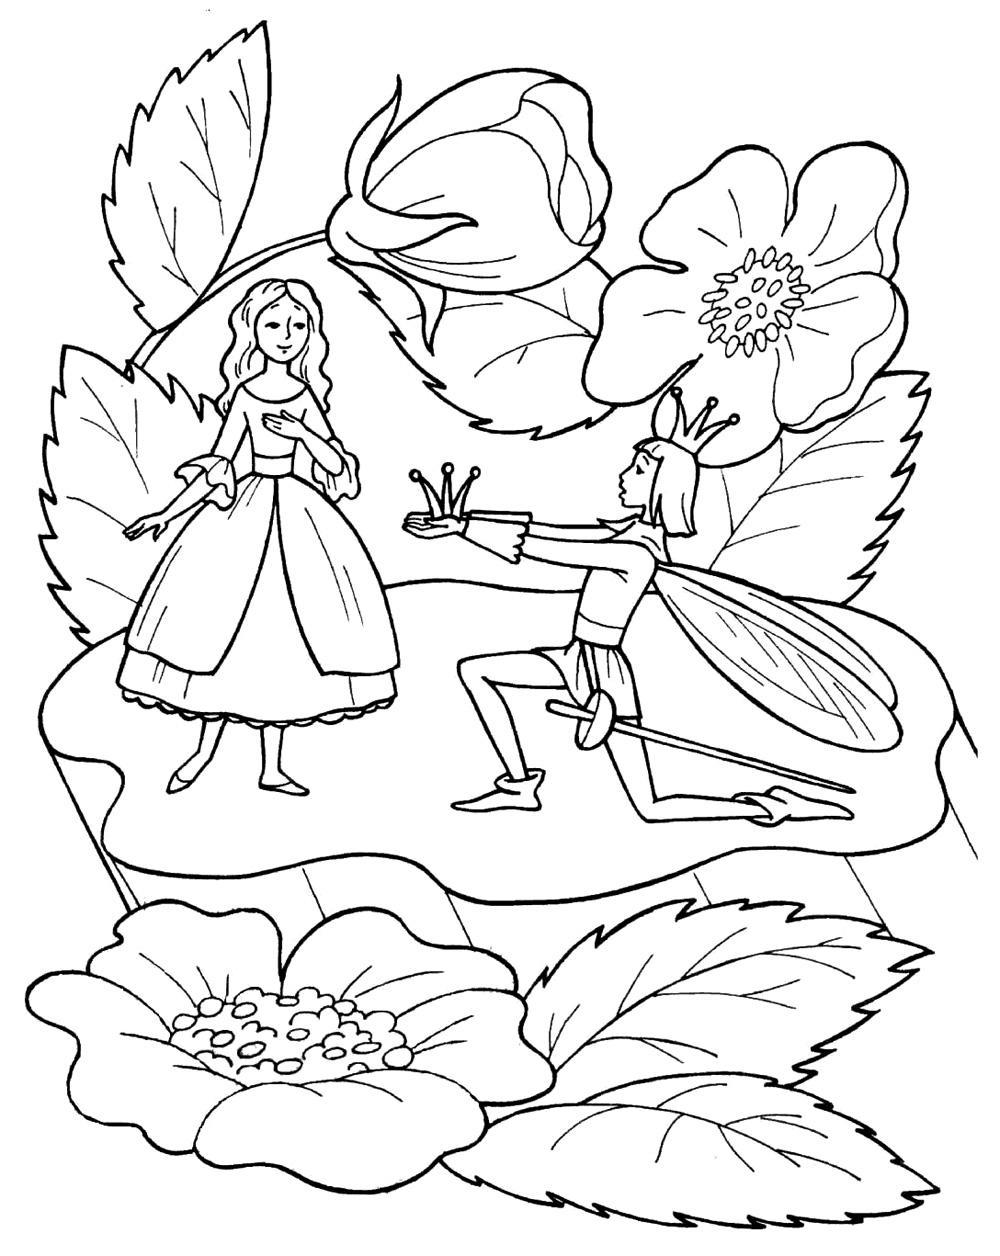 Раскраски Дюймовочка Раскраски по мультфильму дюймовочка для девочек